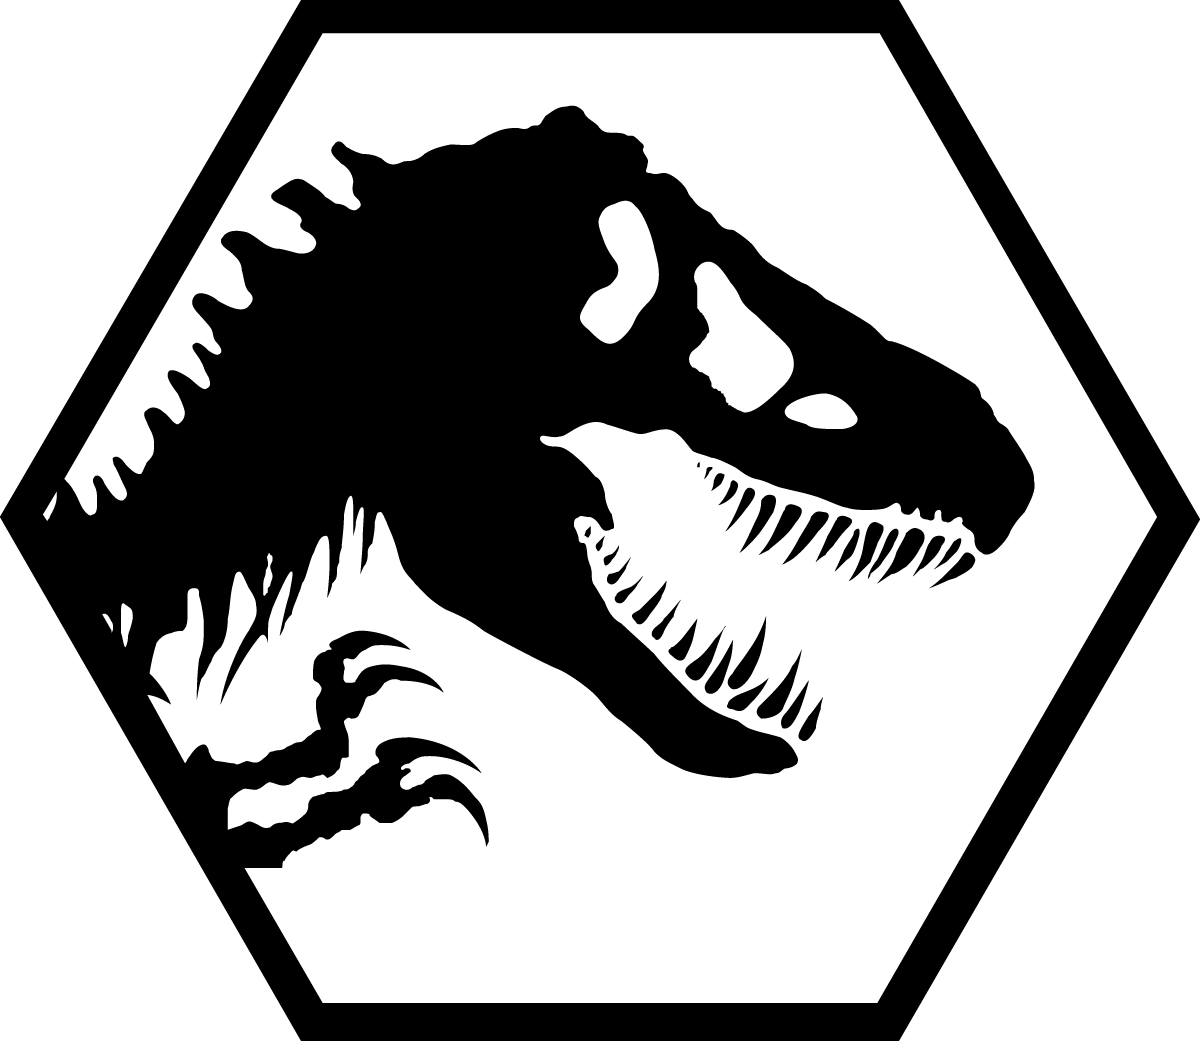 T-Rex Kingdom (hexagon)